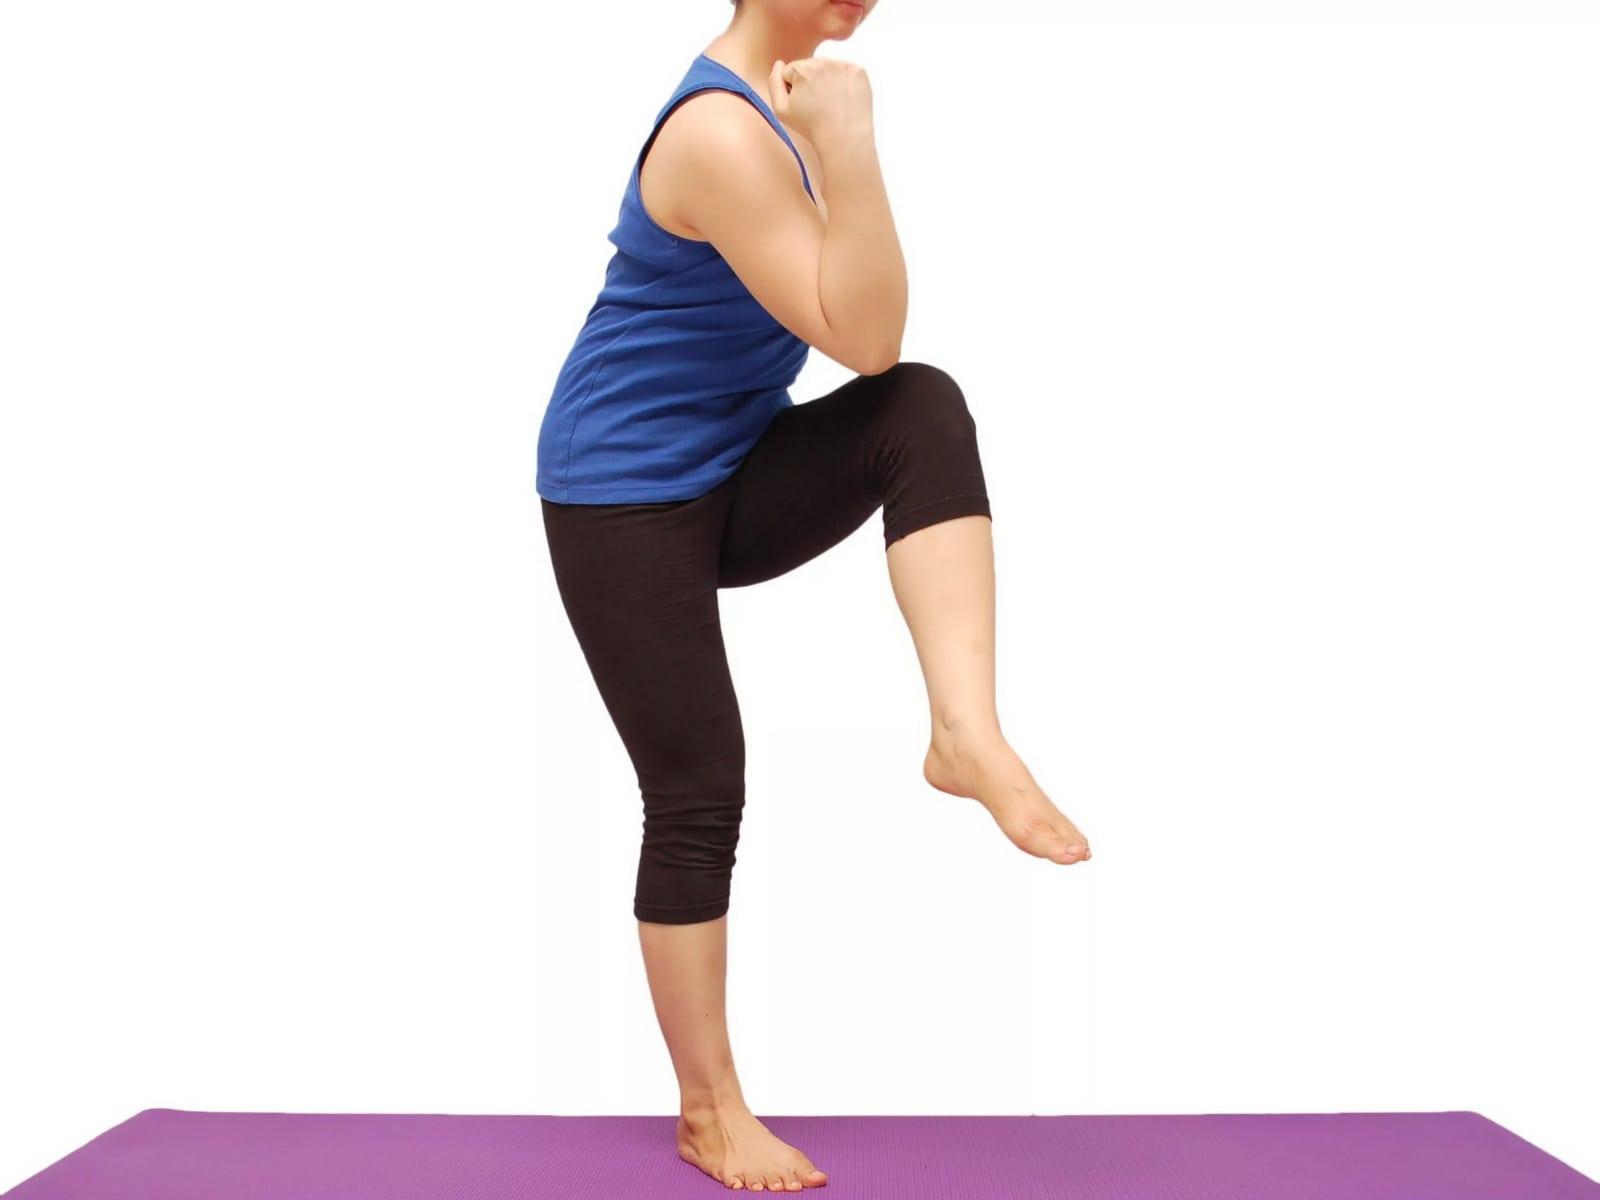 упражнения на пресс - диагональный подъем колена